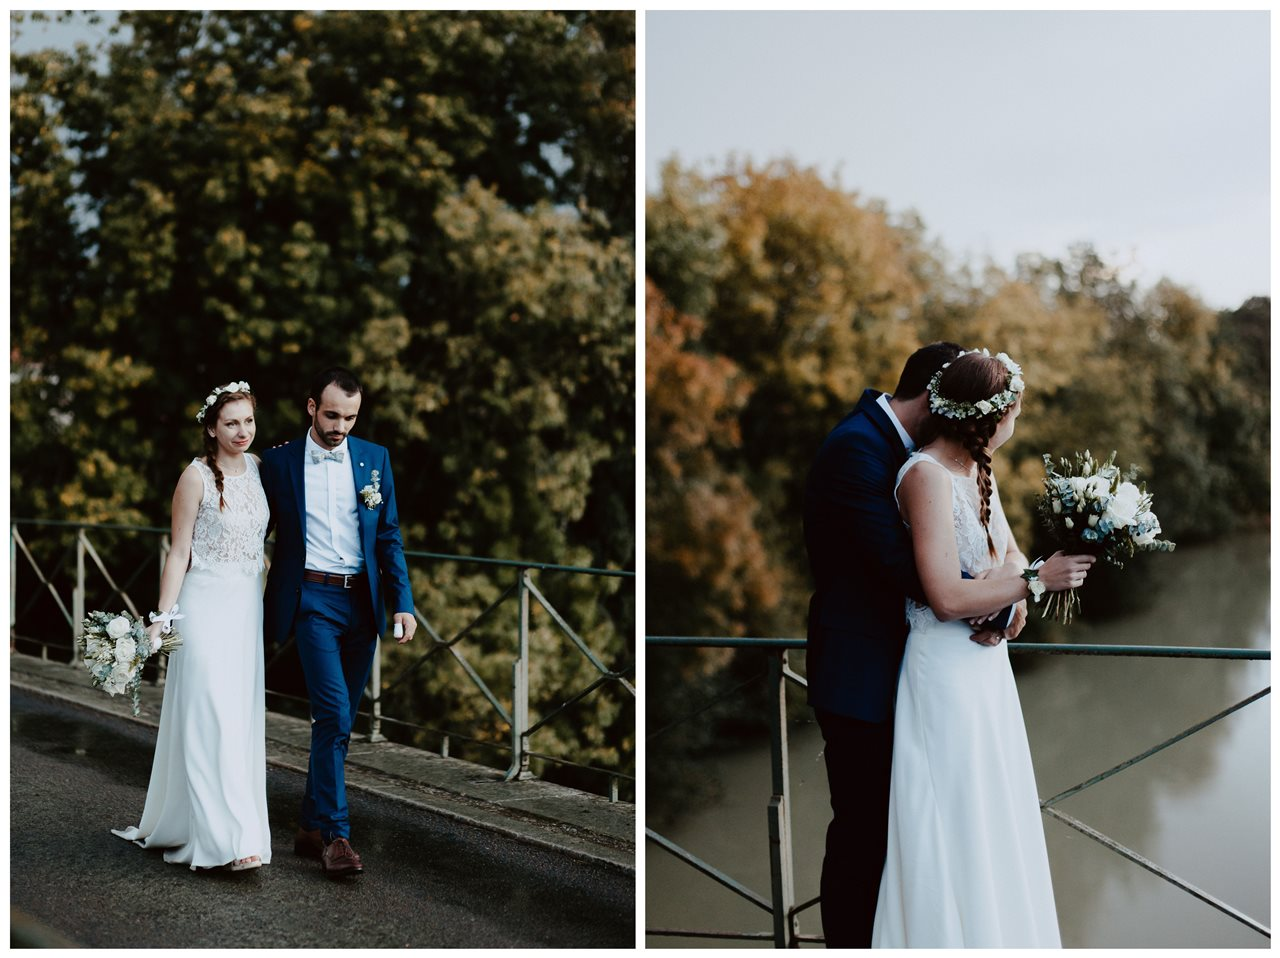 Mariage champêtre photo mariés pont